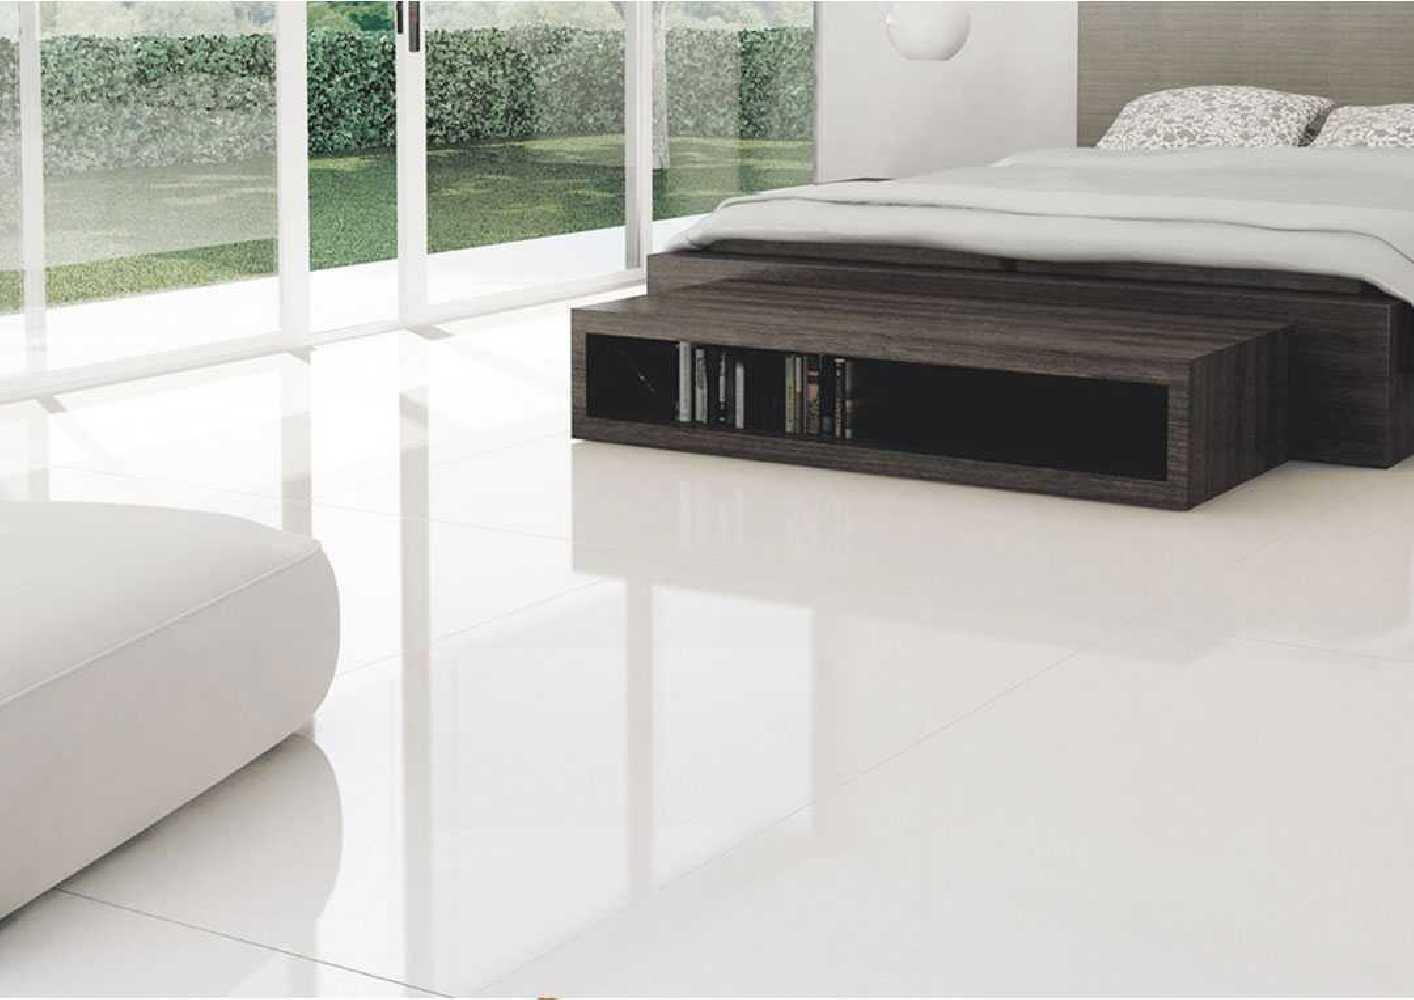 Ambiance Carrelage poli brillant blanc 60X120 Durstone